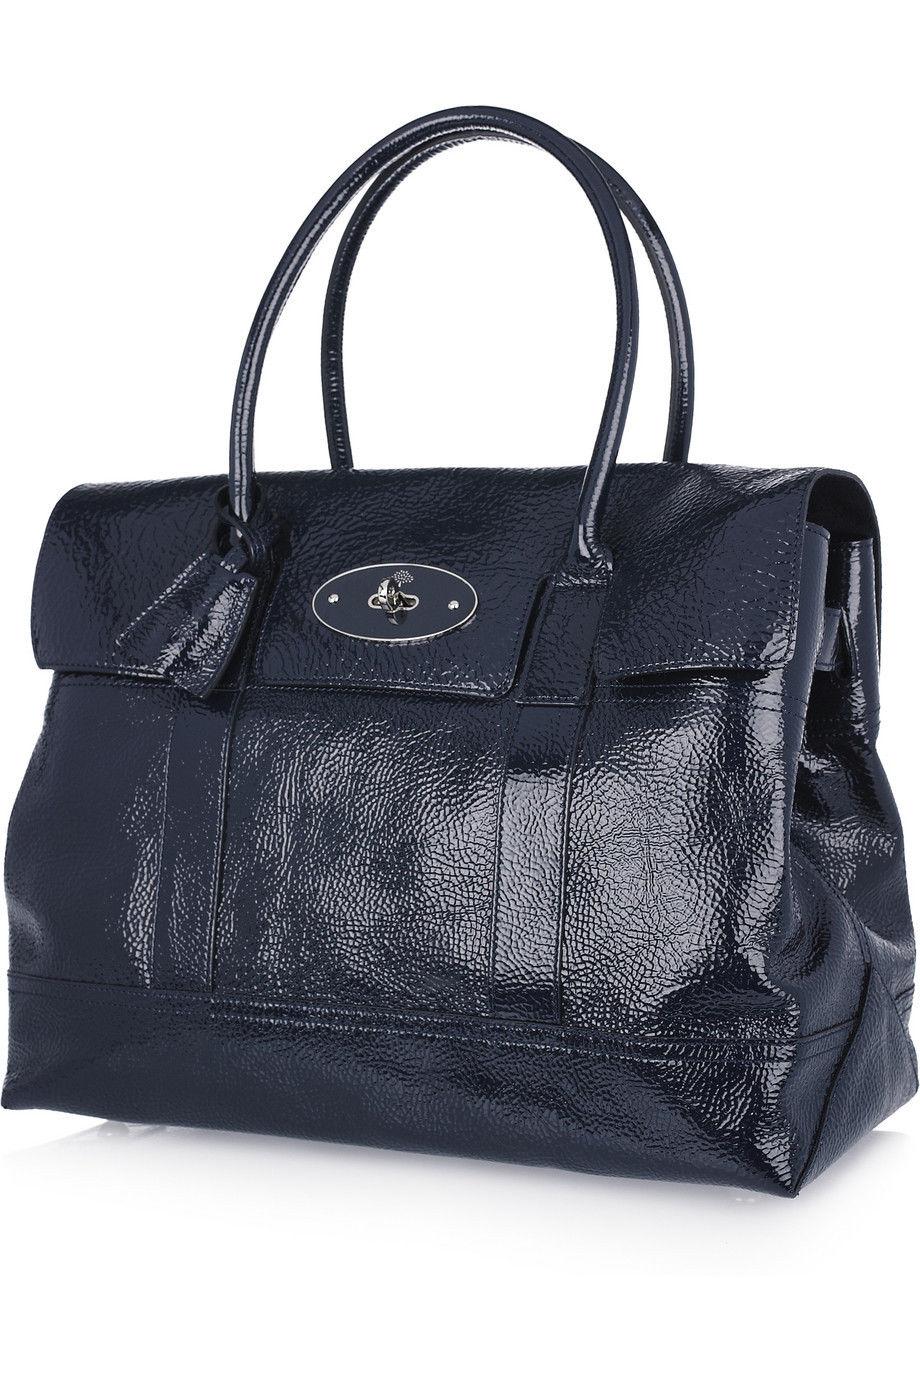 mulberry bayswater shoulder bag tactical shoulder bag dkny shoulder bag